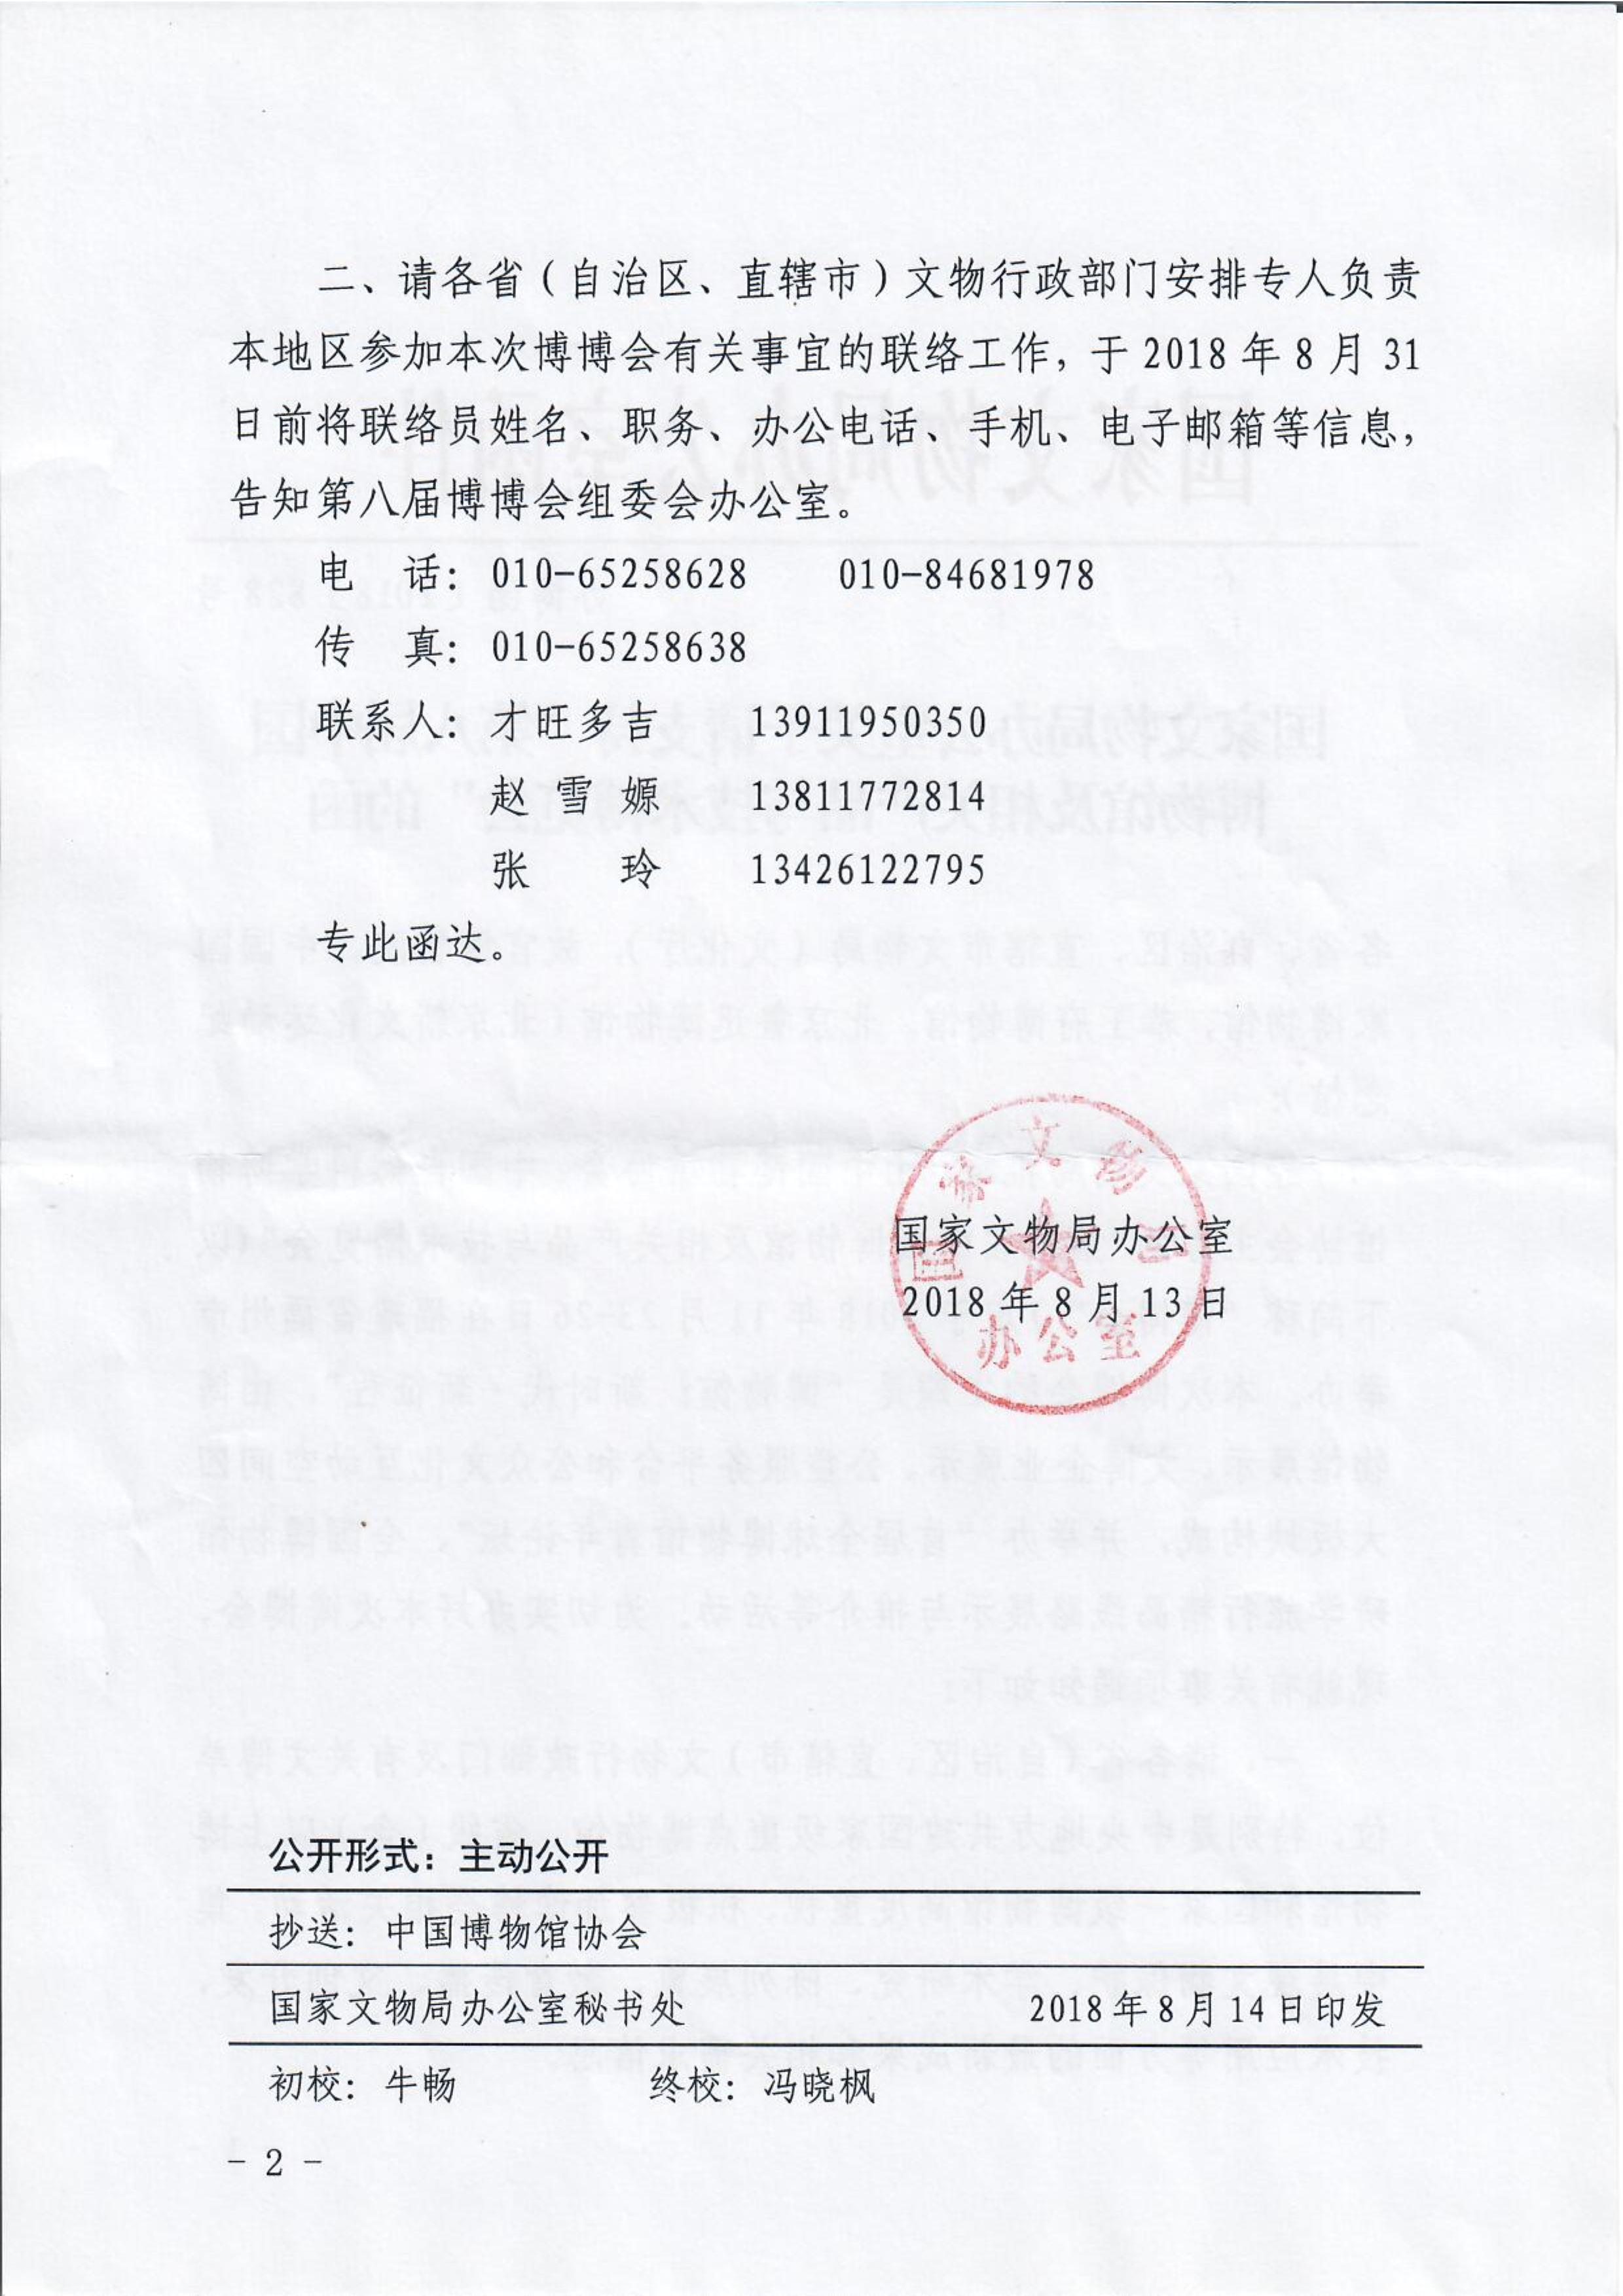 國家文物局支持函_2.jpg